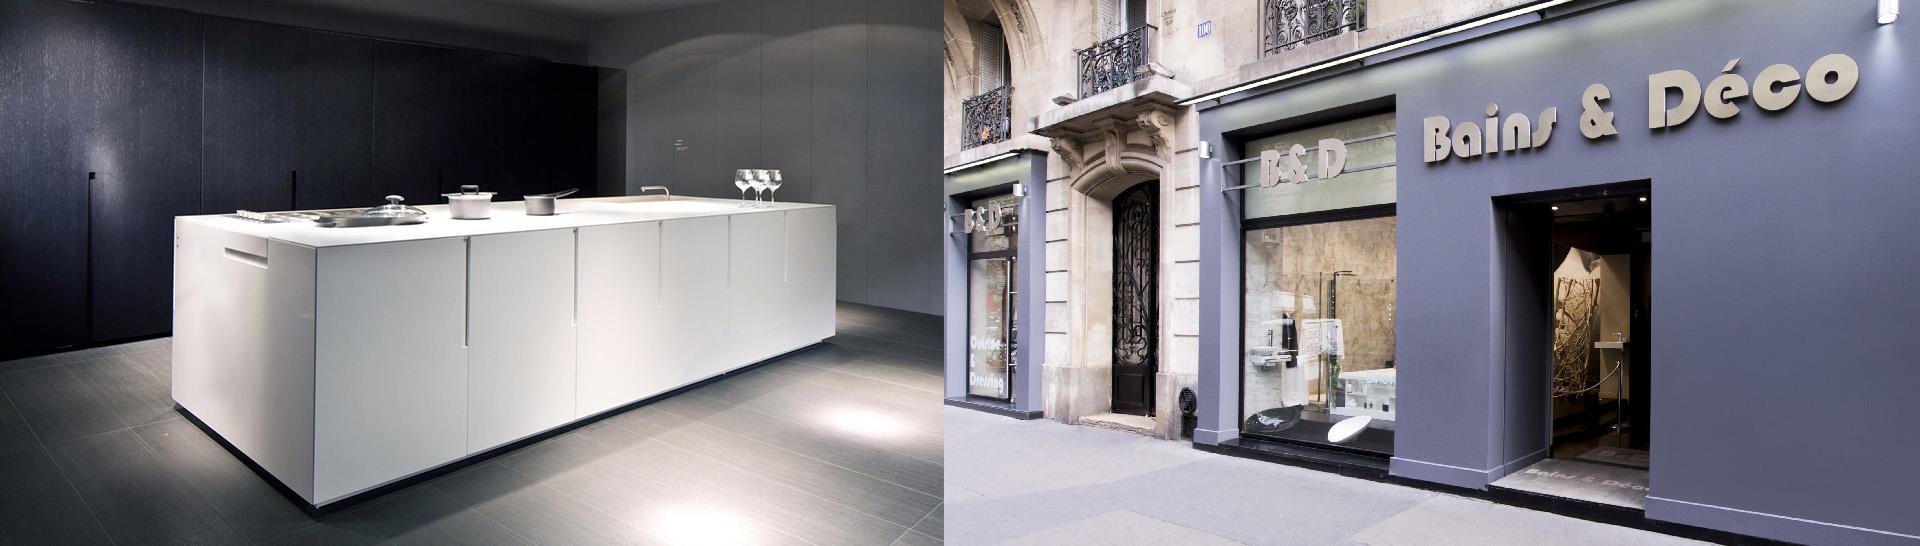 Bains et deco salle de bain cuisine paris histoire for Showroom cuisine paris